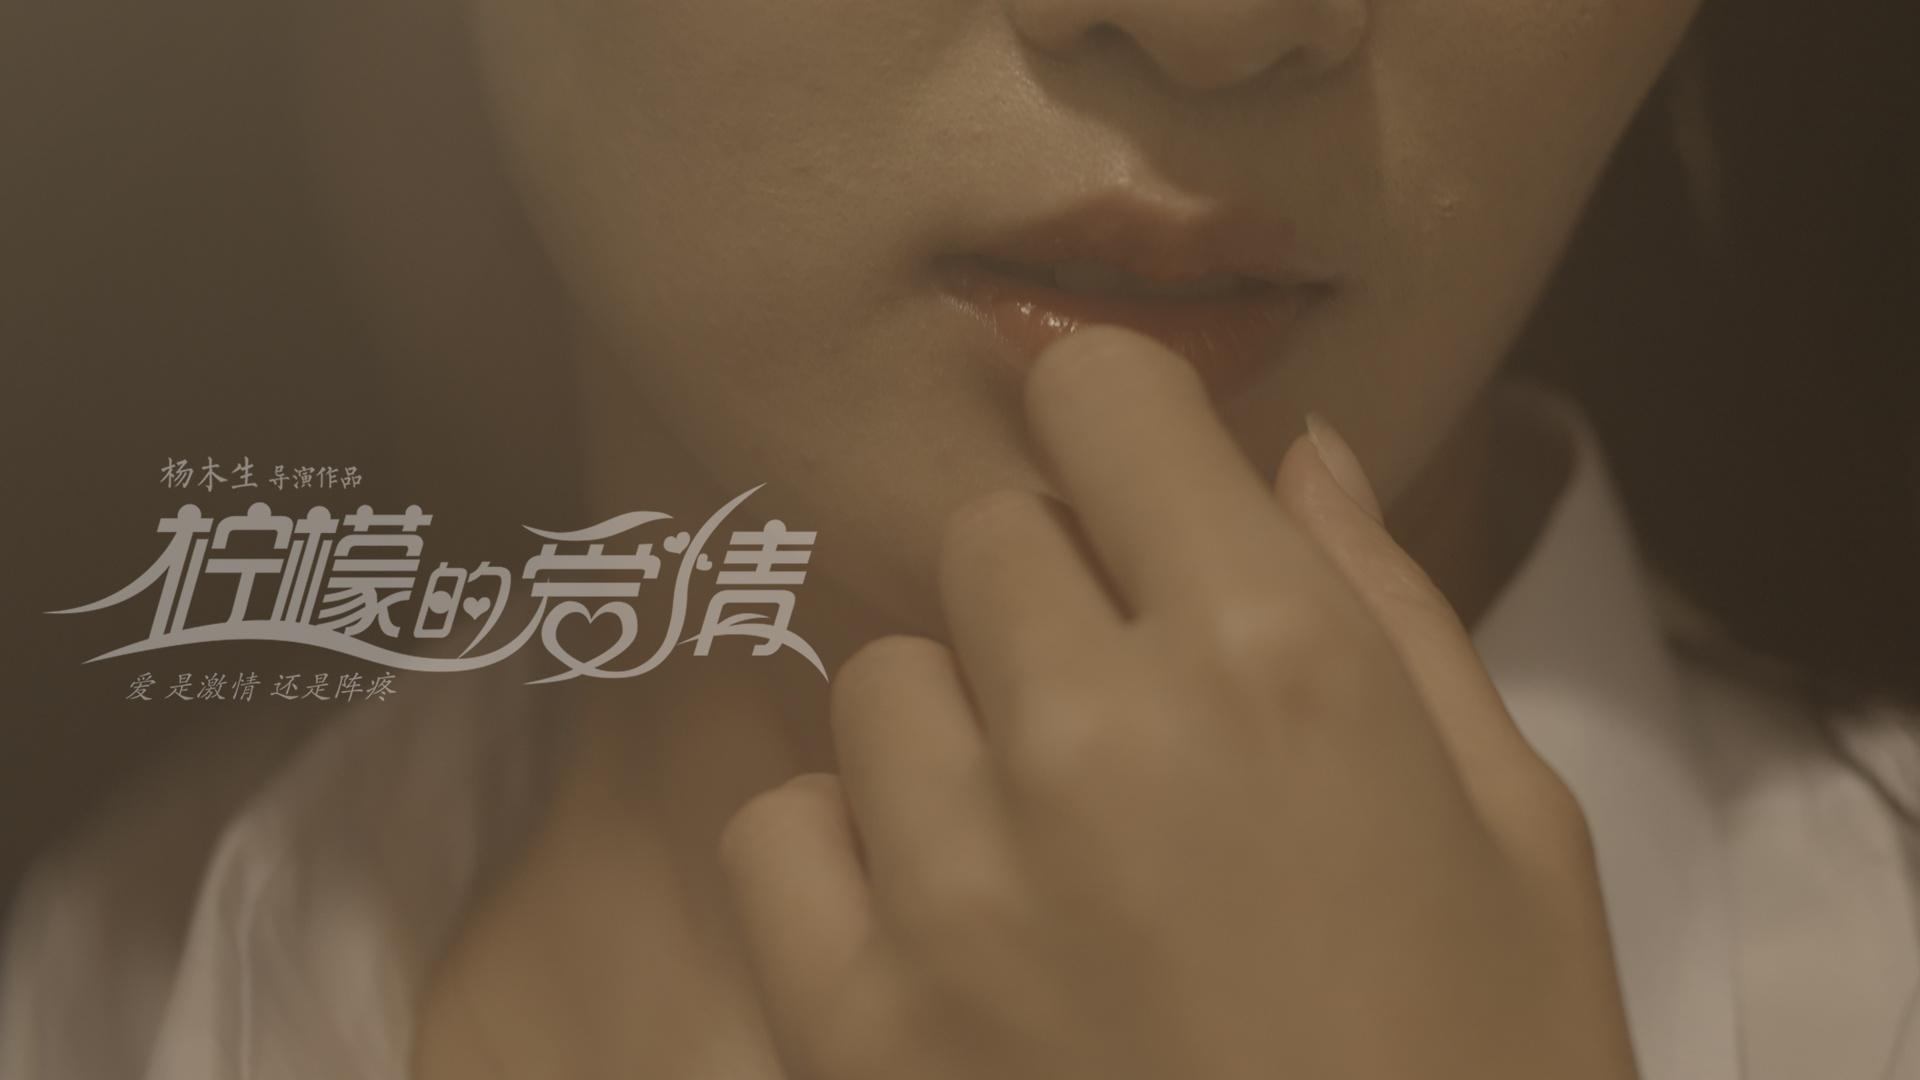 柠檬的爱情_电影剧照_图集_电影网_1905.com